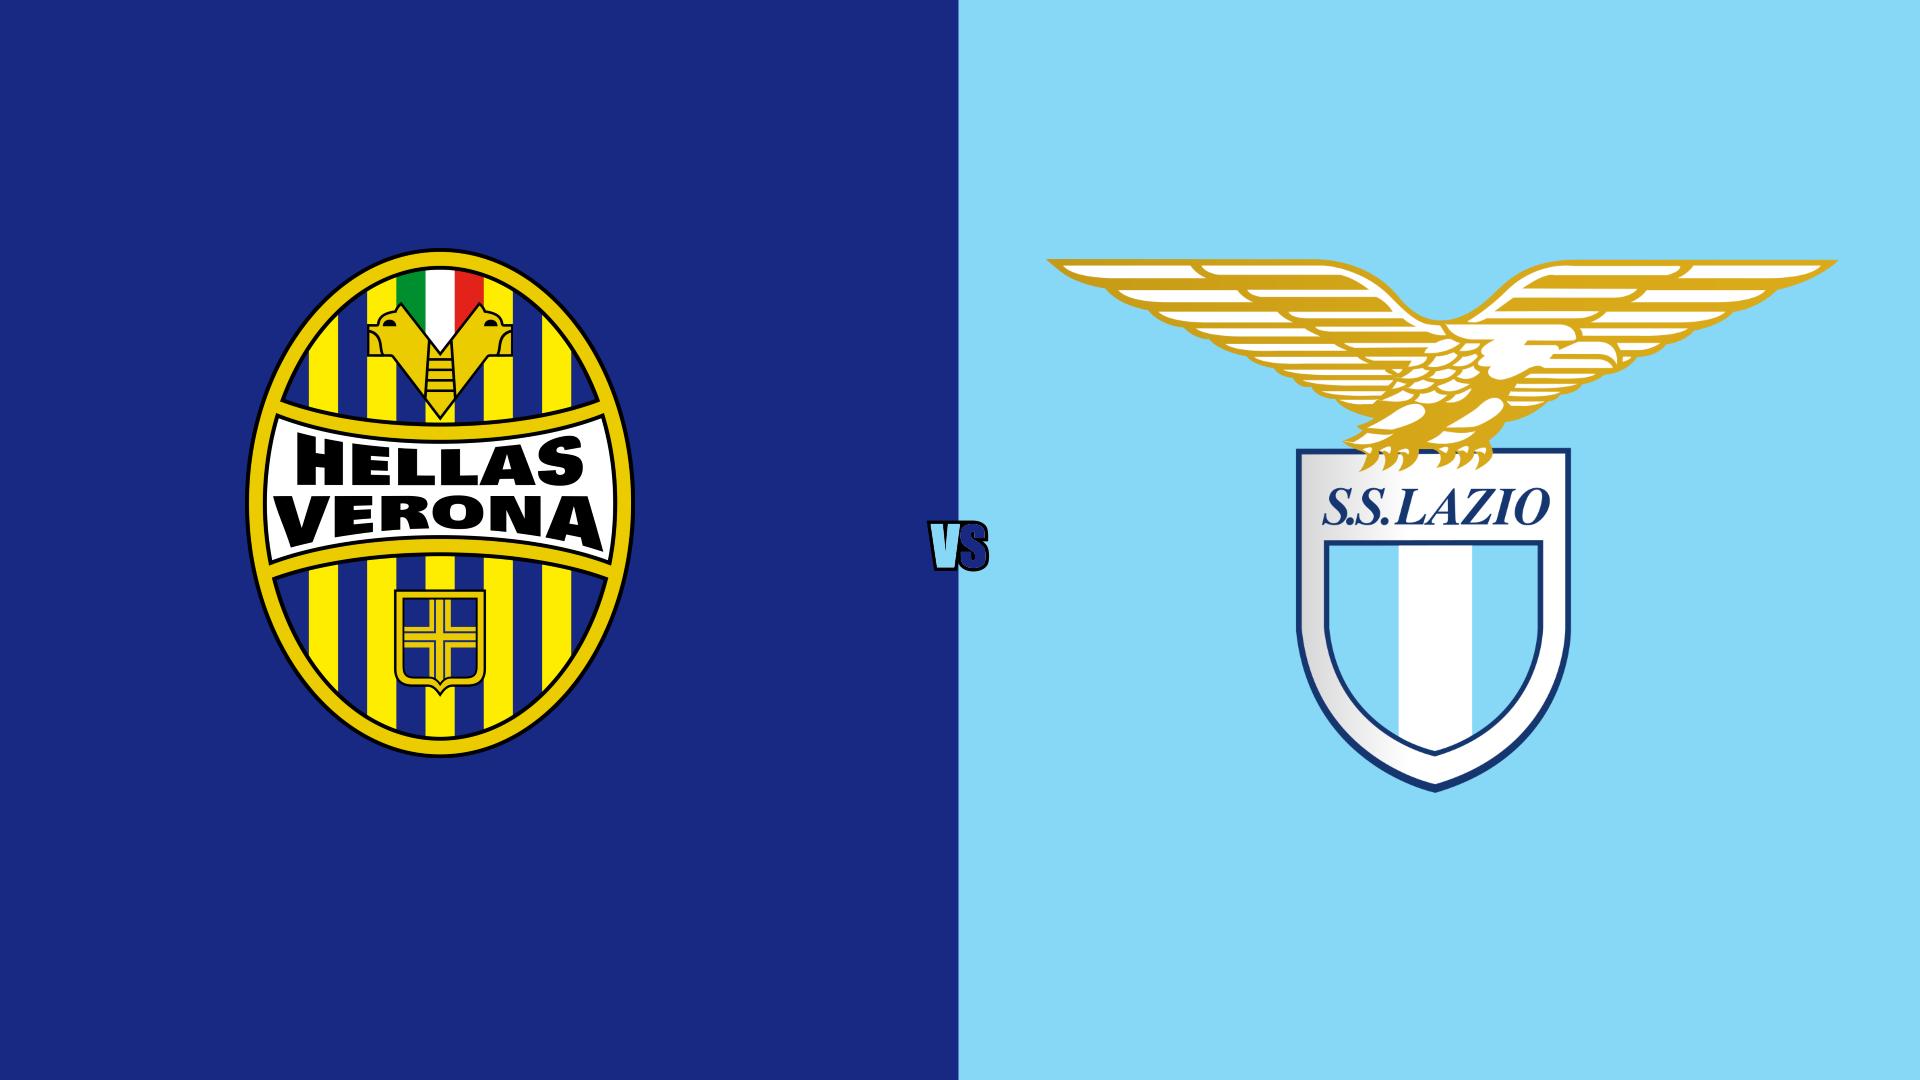 Hellas Verona vs Lazio: Match Preview, Lineups, Prediction | The Laziali